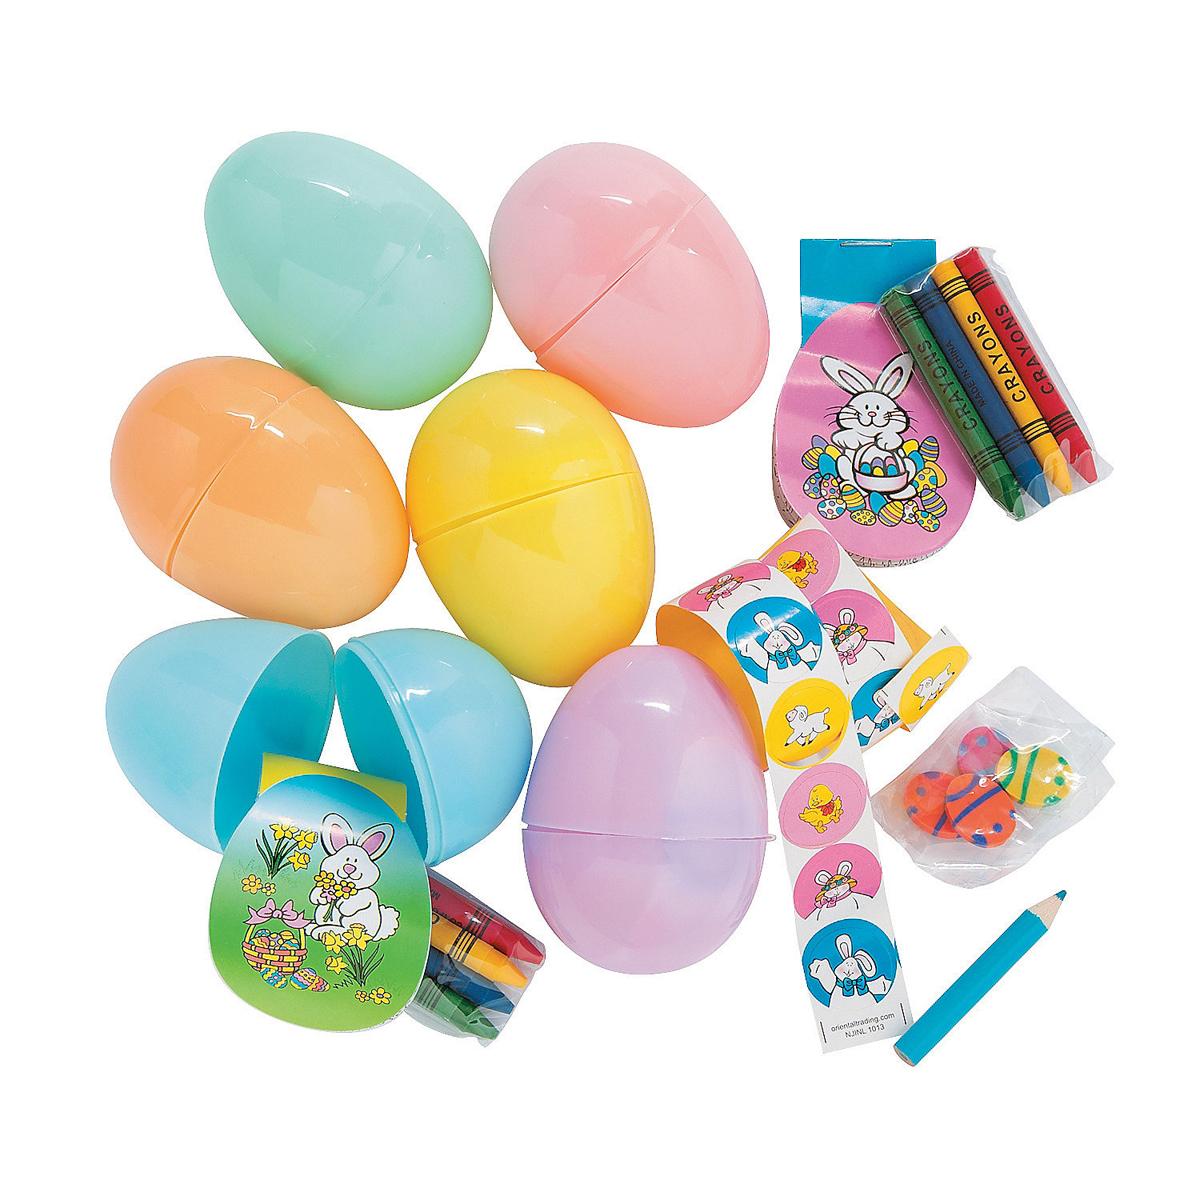 イースターエッグ プラスチック セット 7.6cm 24個 おもちゃ入り イースター エッグハント